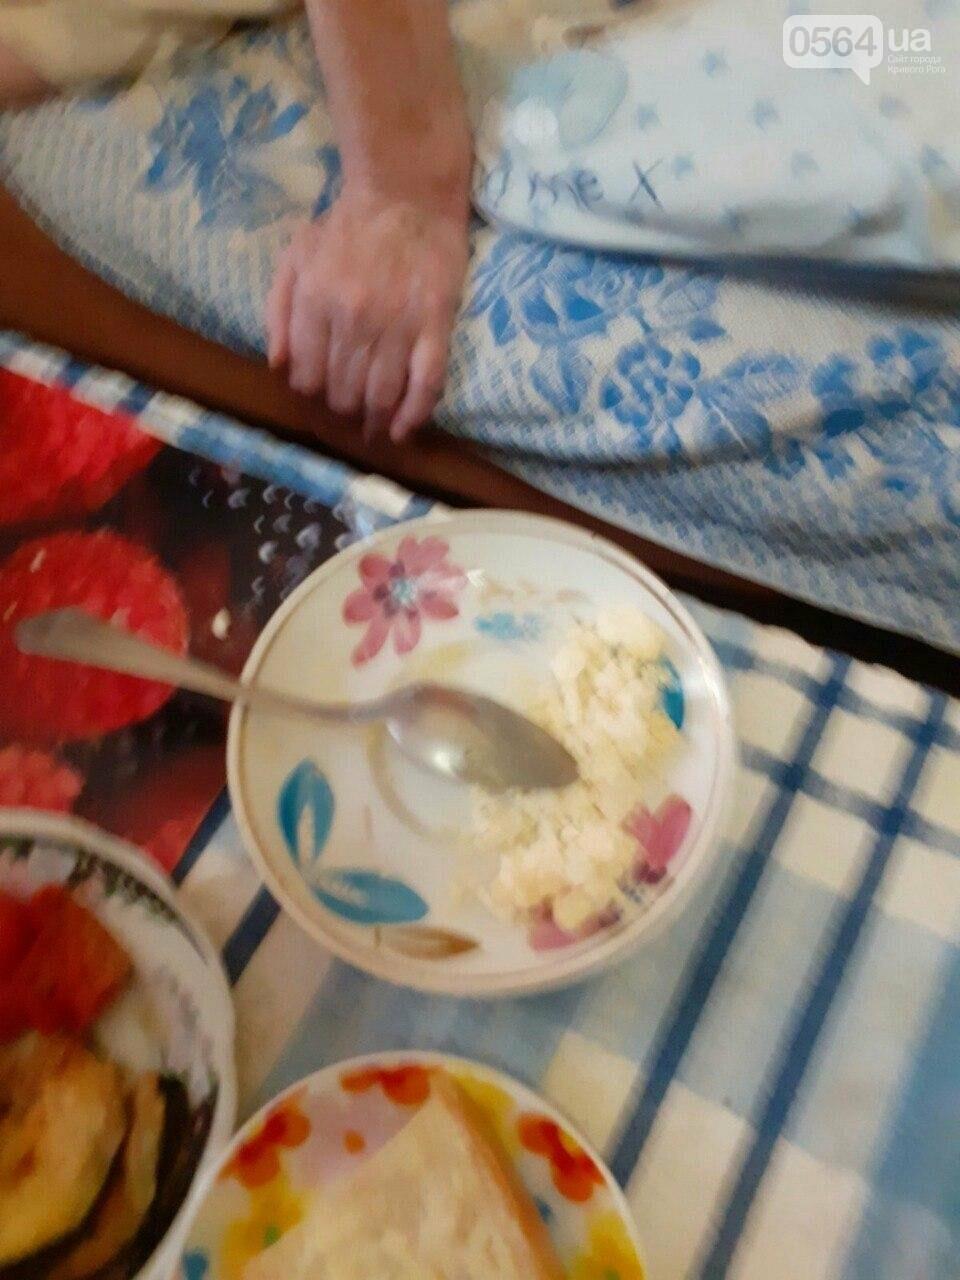 В Кривом Роге старушка, у которой ампутирована нога, днем и ночью без присмотра находится одна в запертой квартире, - ФОТО, фото-5